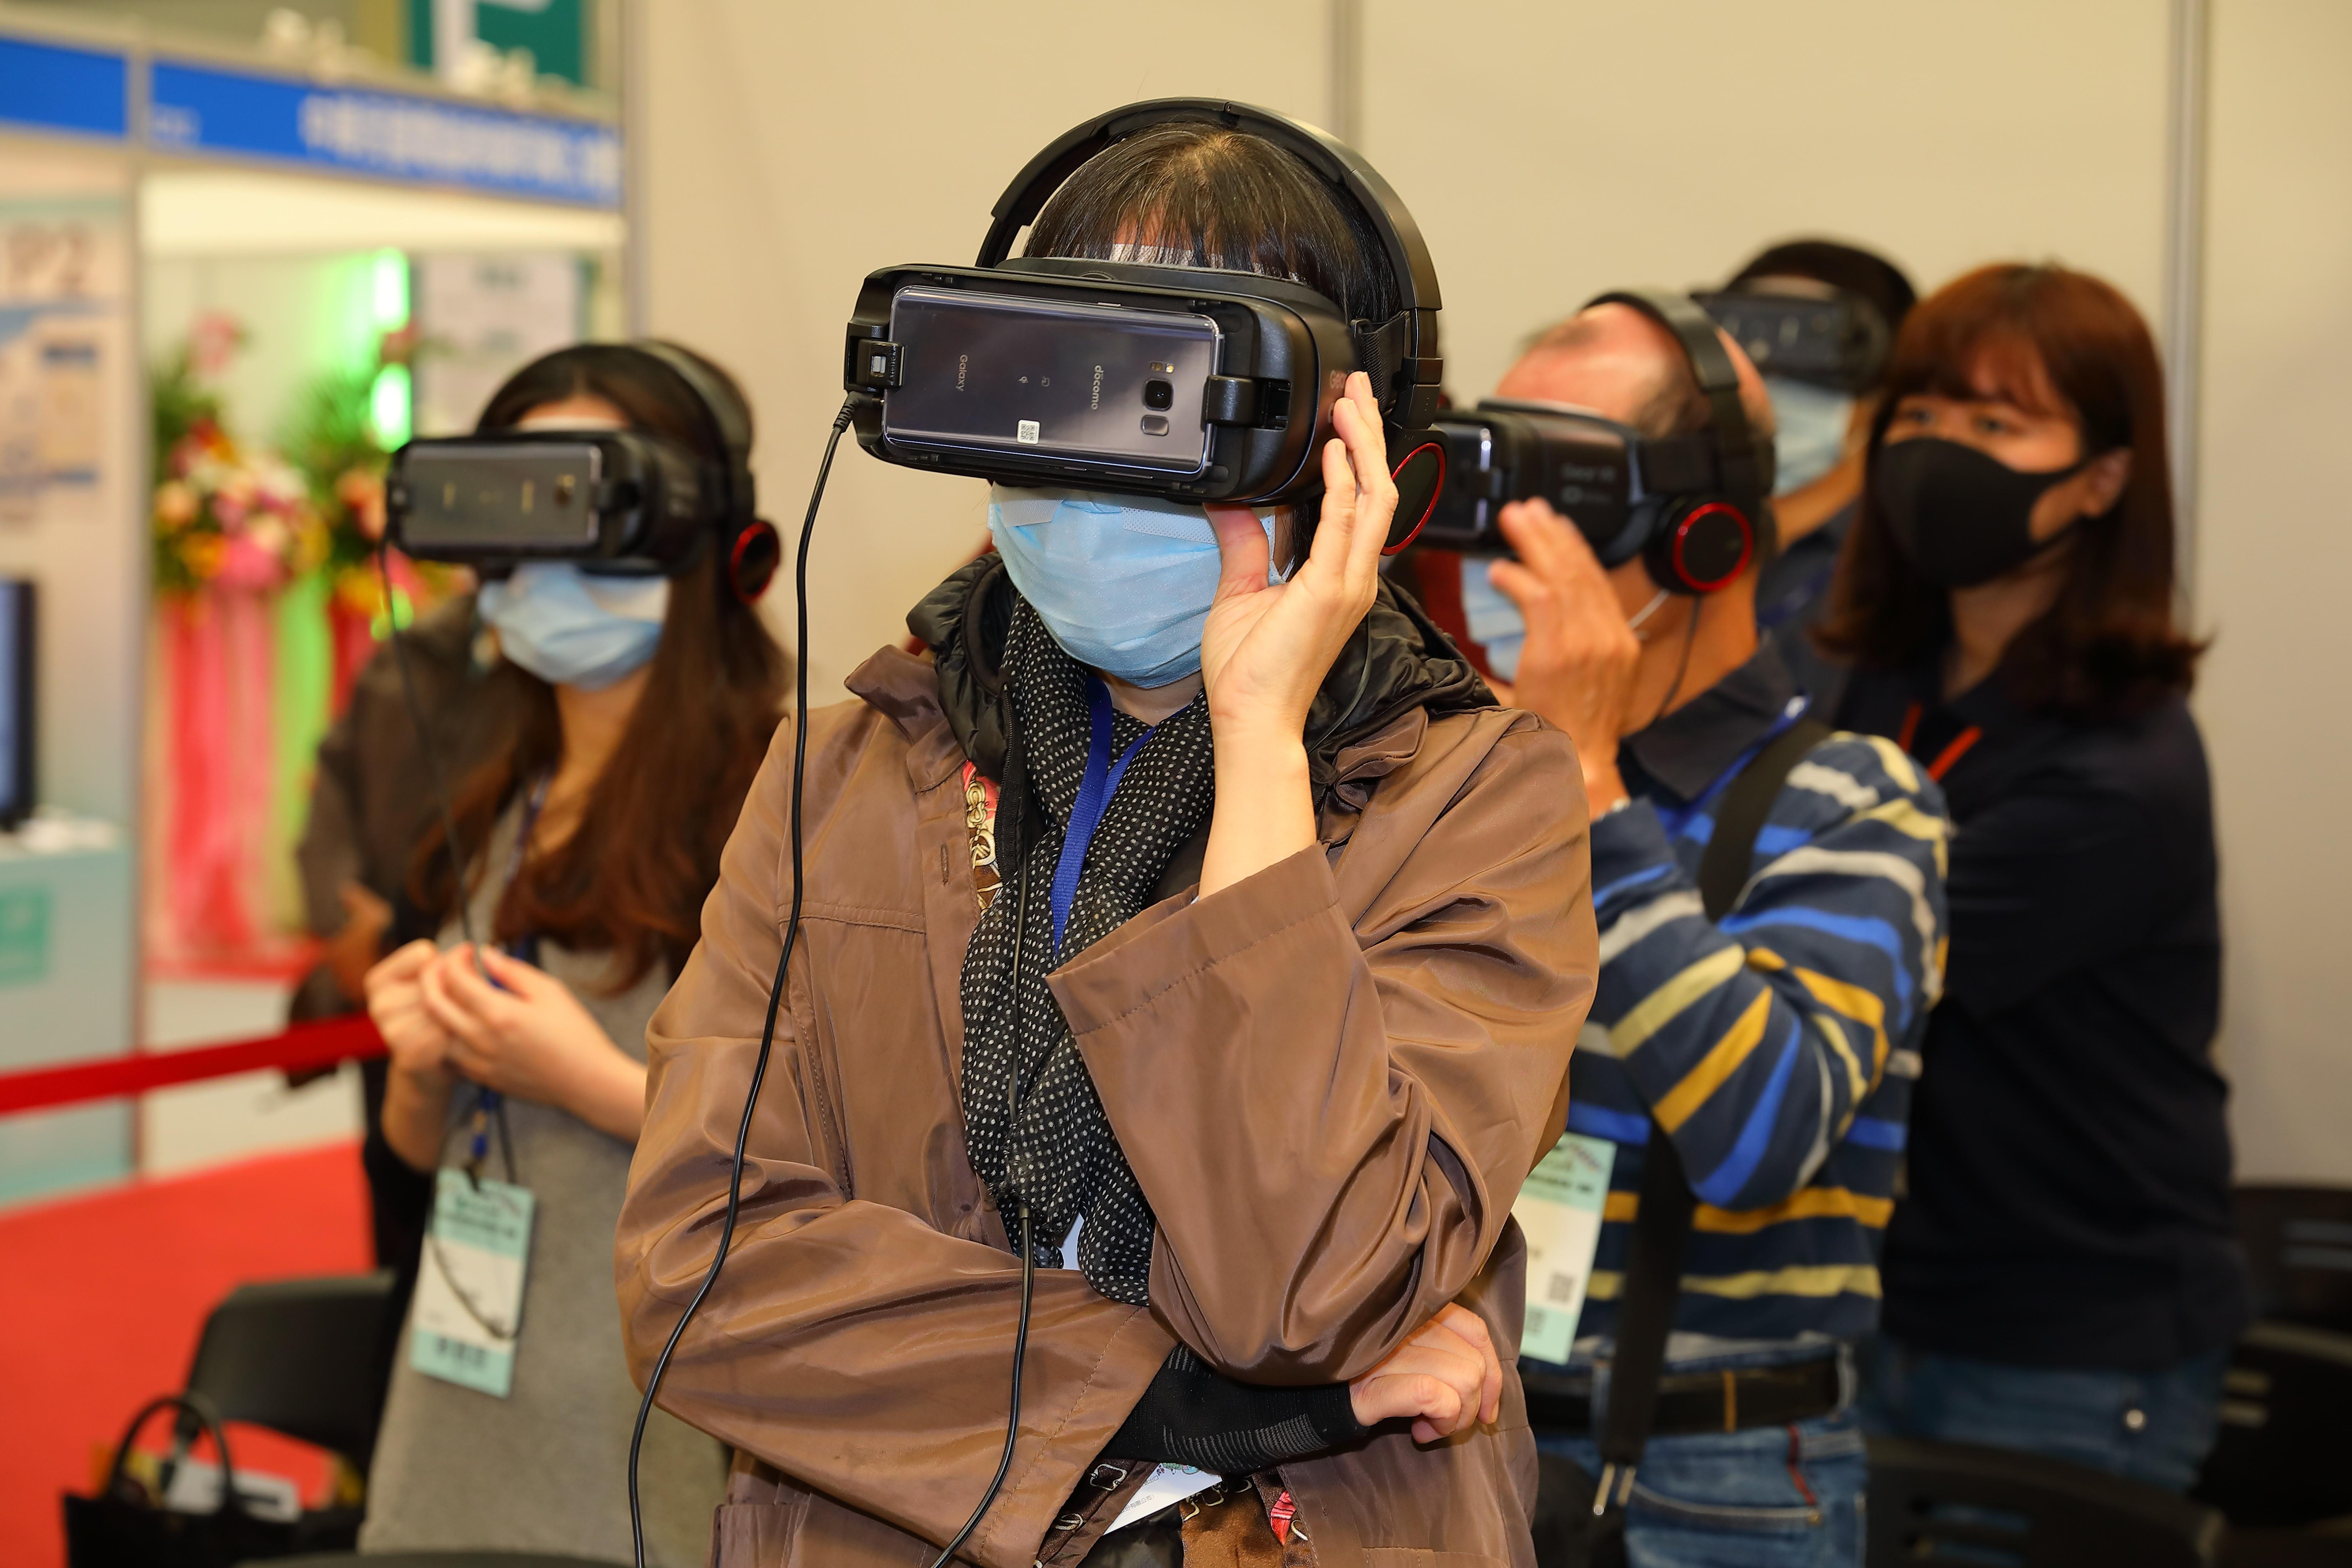 新媒體,心流理論,沈浸式概念,消費者,閱聽眾,VR,AR,網購平台